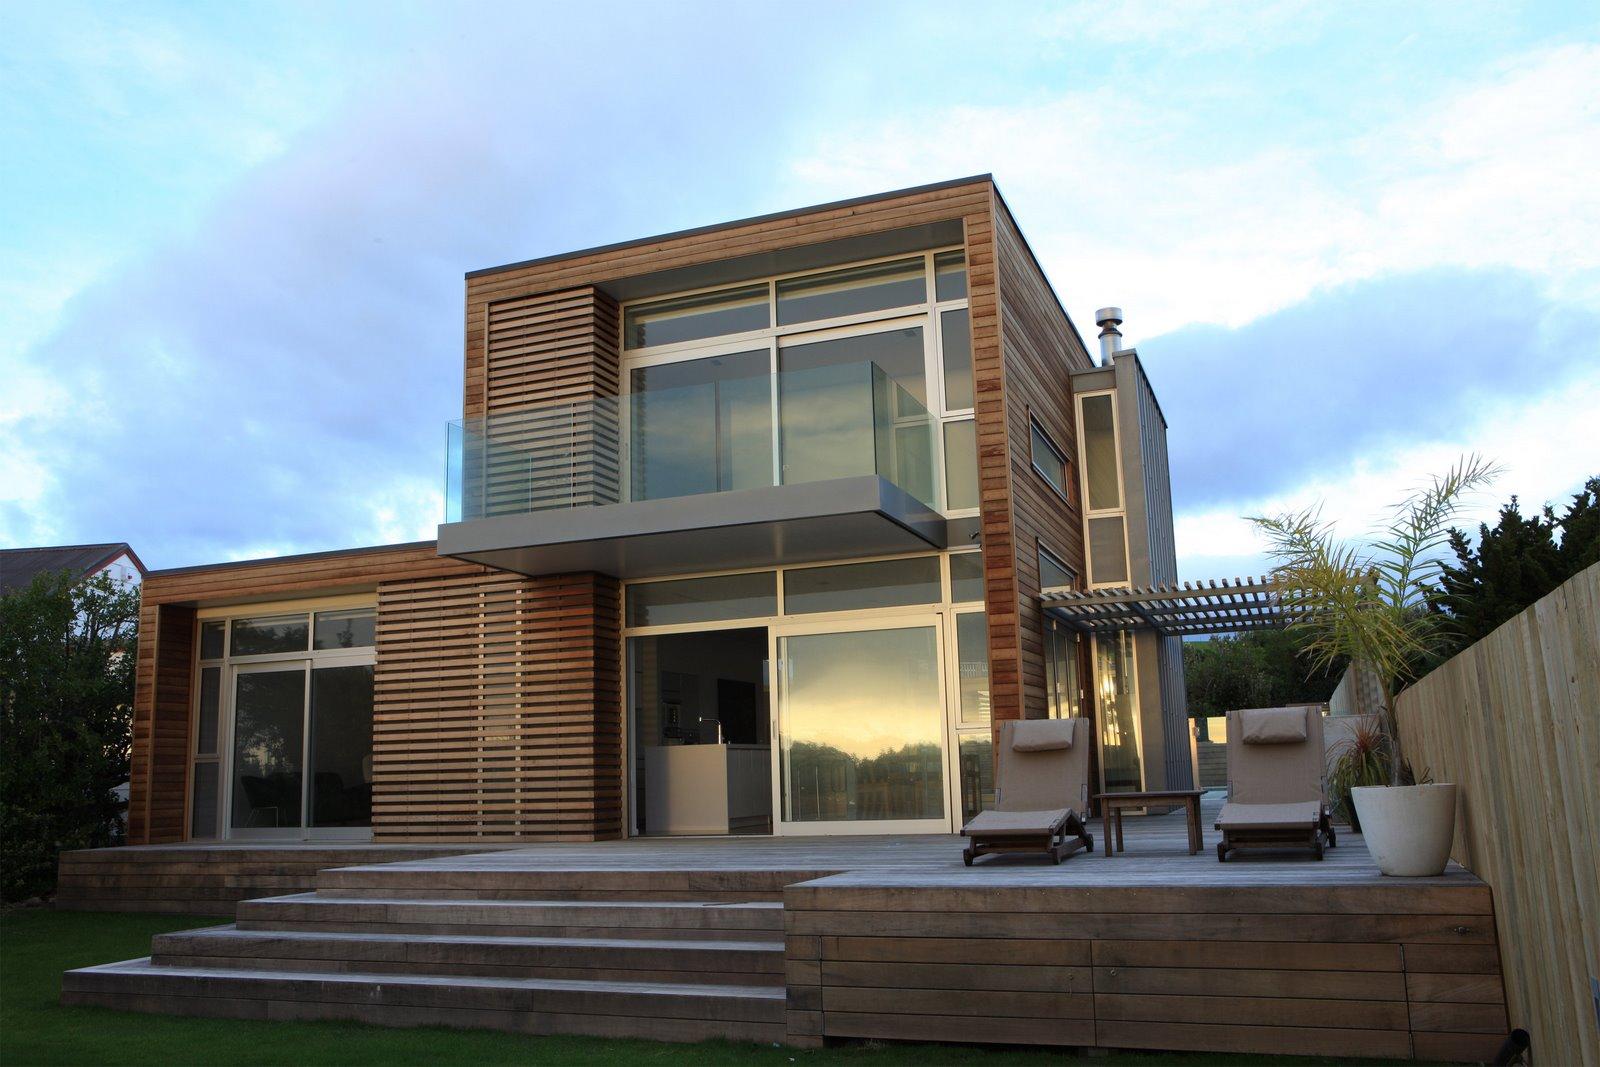 Красивый двухэтажный дом в стиле хай-тек